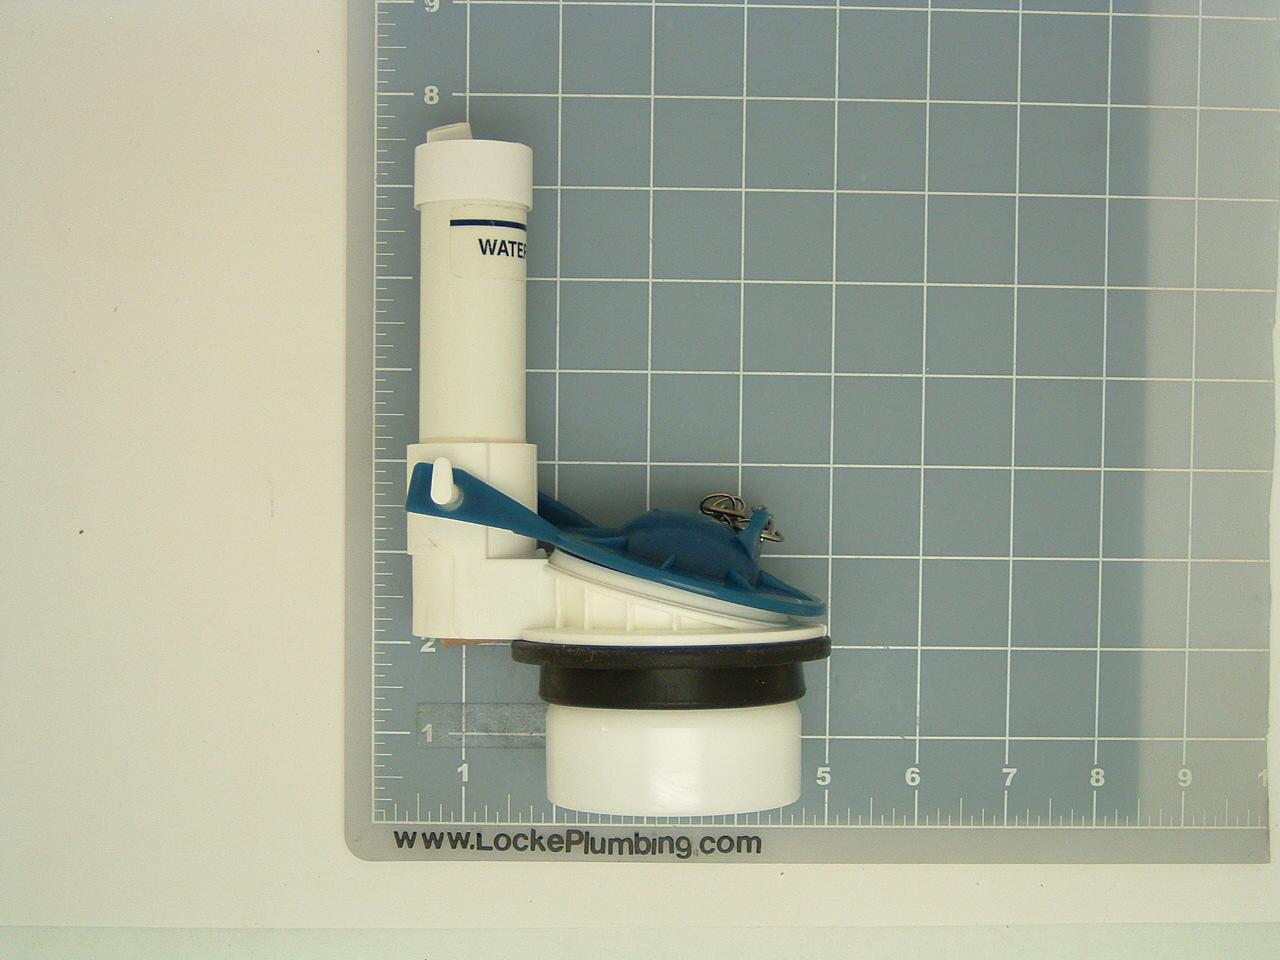 Eljer 495 5514 00 Flush Valve Locke Plumbing